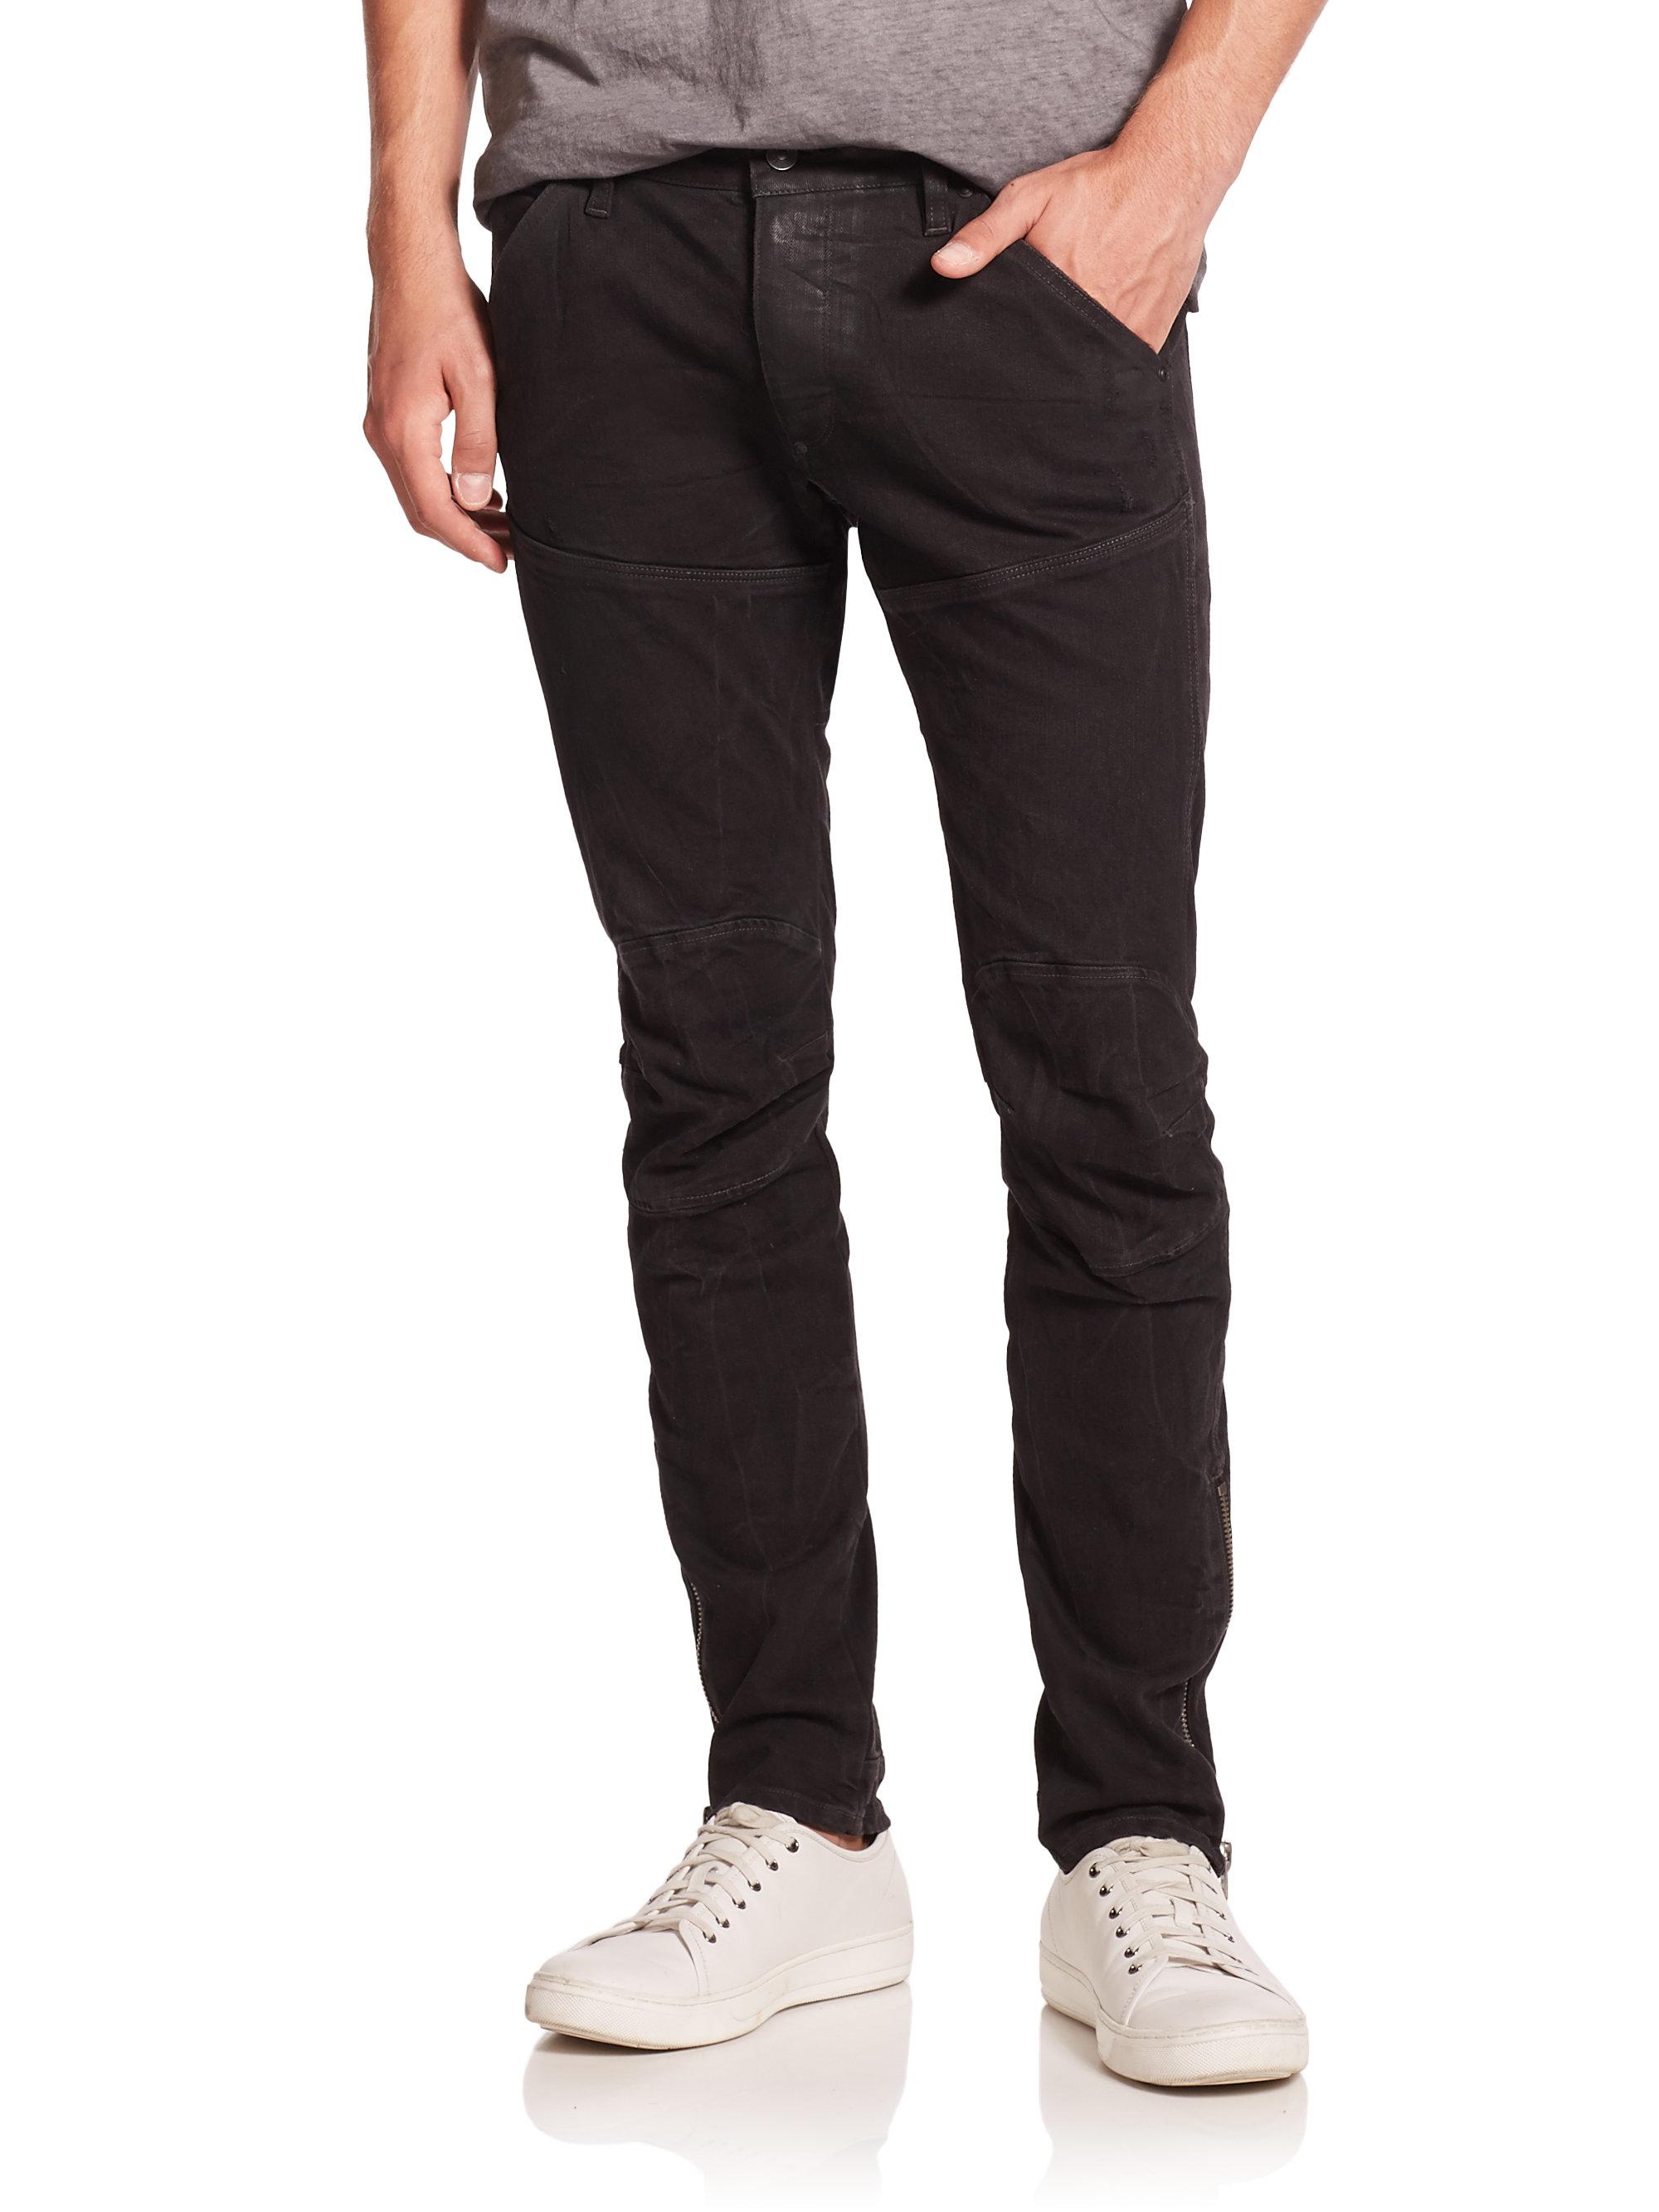 g star raw super slim fit moto jeans in black for men lyst. Black Bedroom Furniture Sets. Home Design Ideas